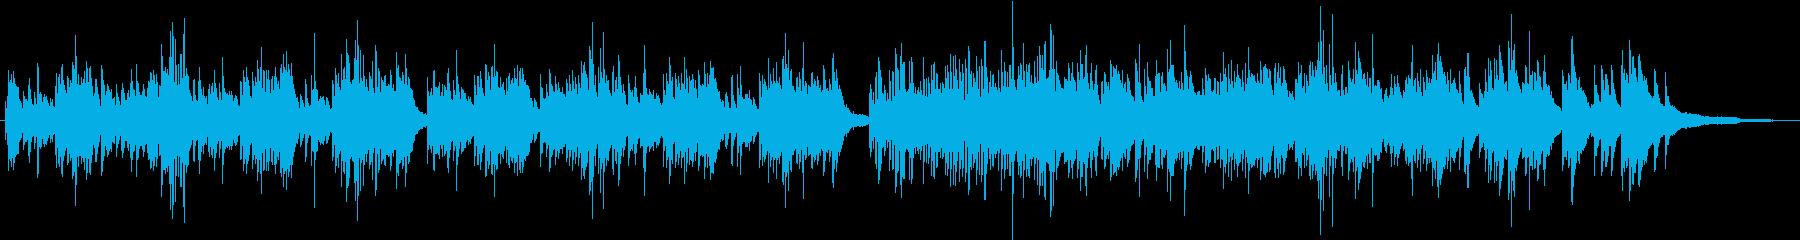 優しい旋律が印象的 生演奏のピアノの再生済みの波形